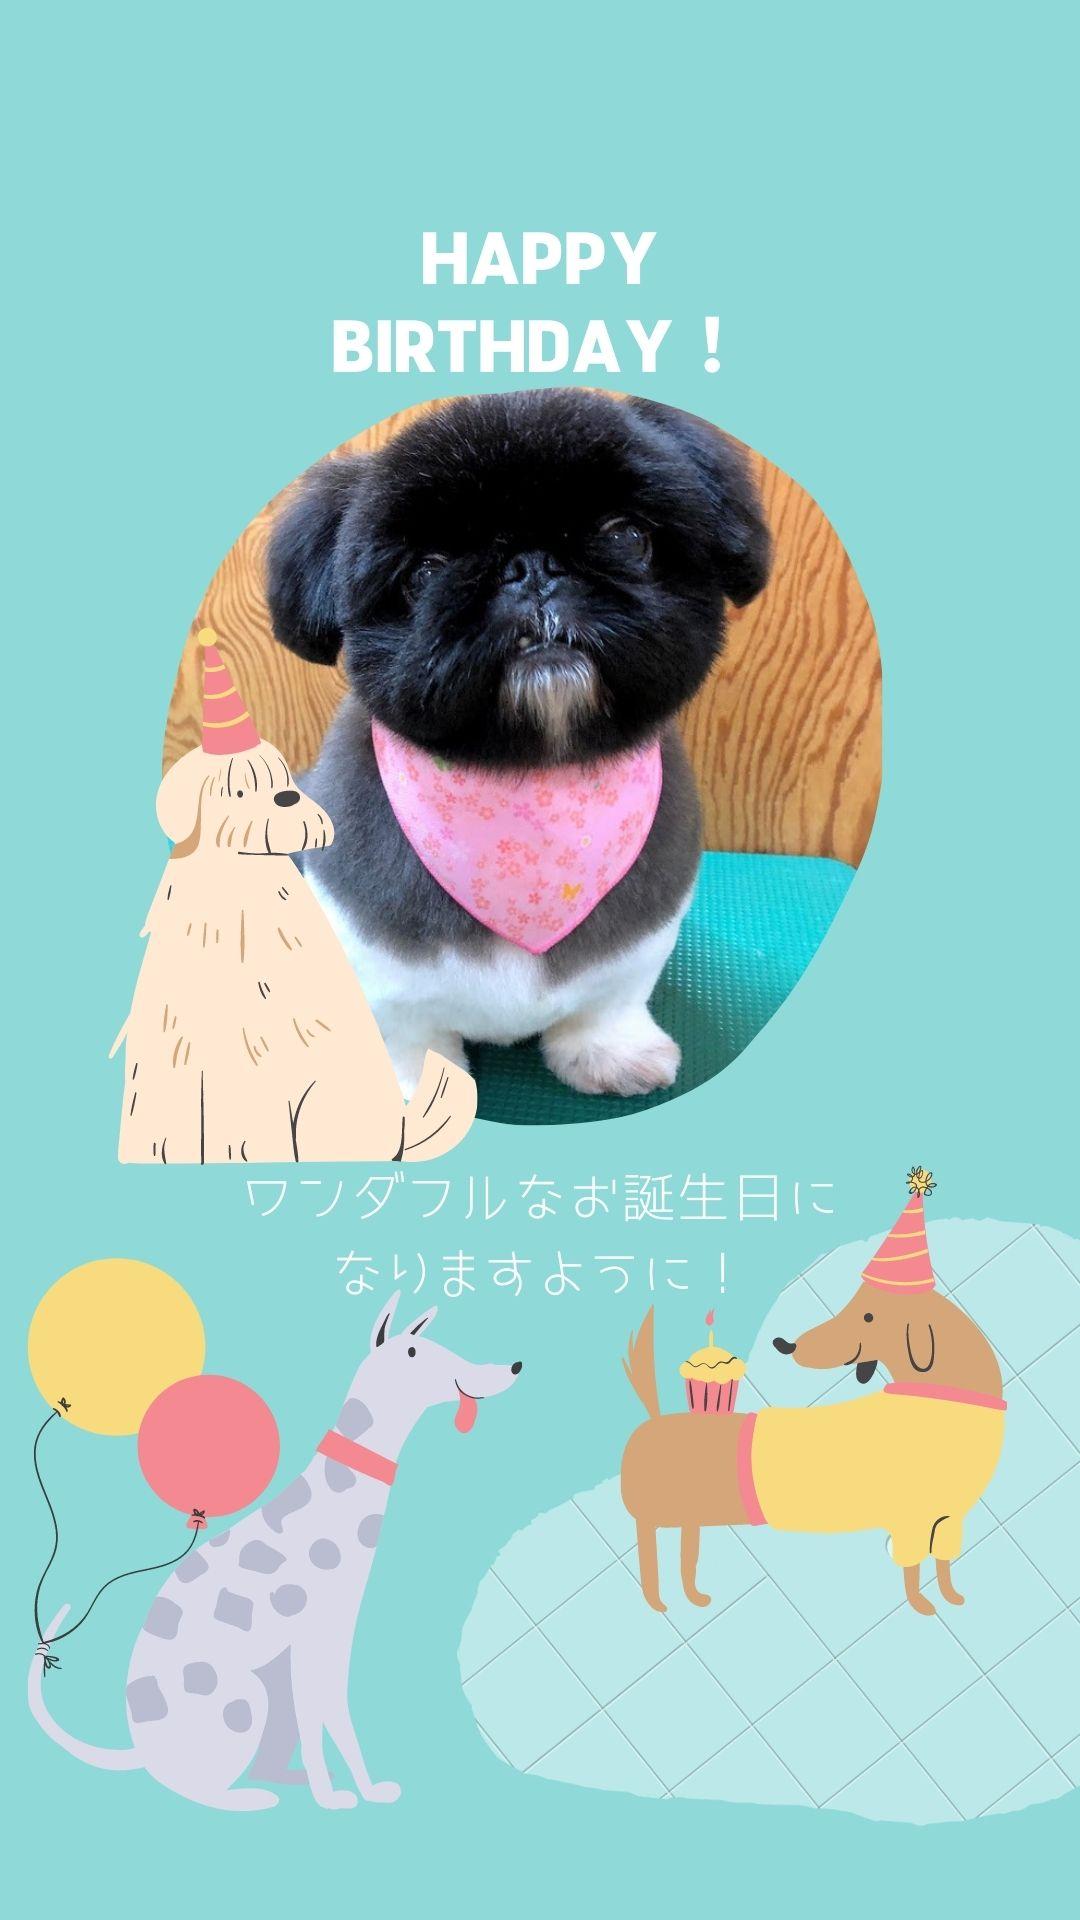 シアン-犬-かわいくて風変わりなイラスト-誕生日用Instagramストーリー-1